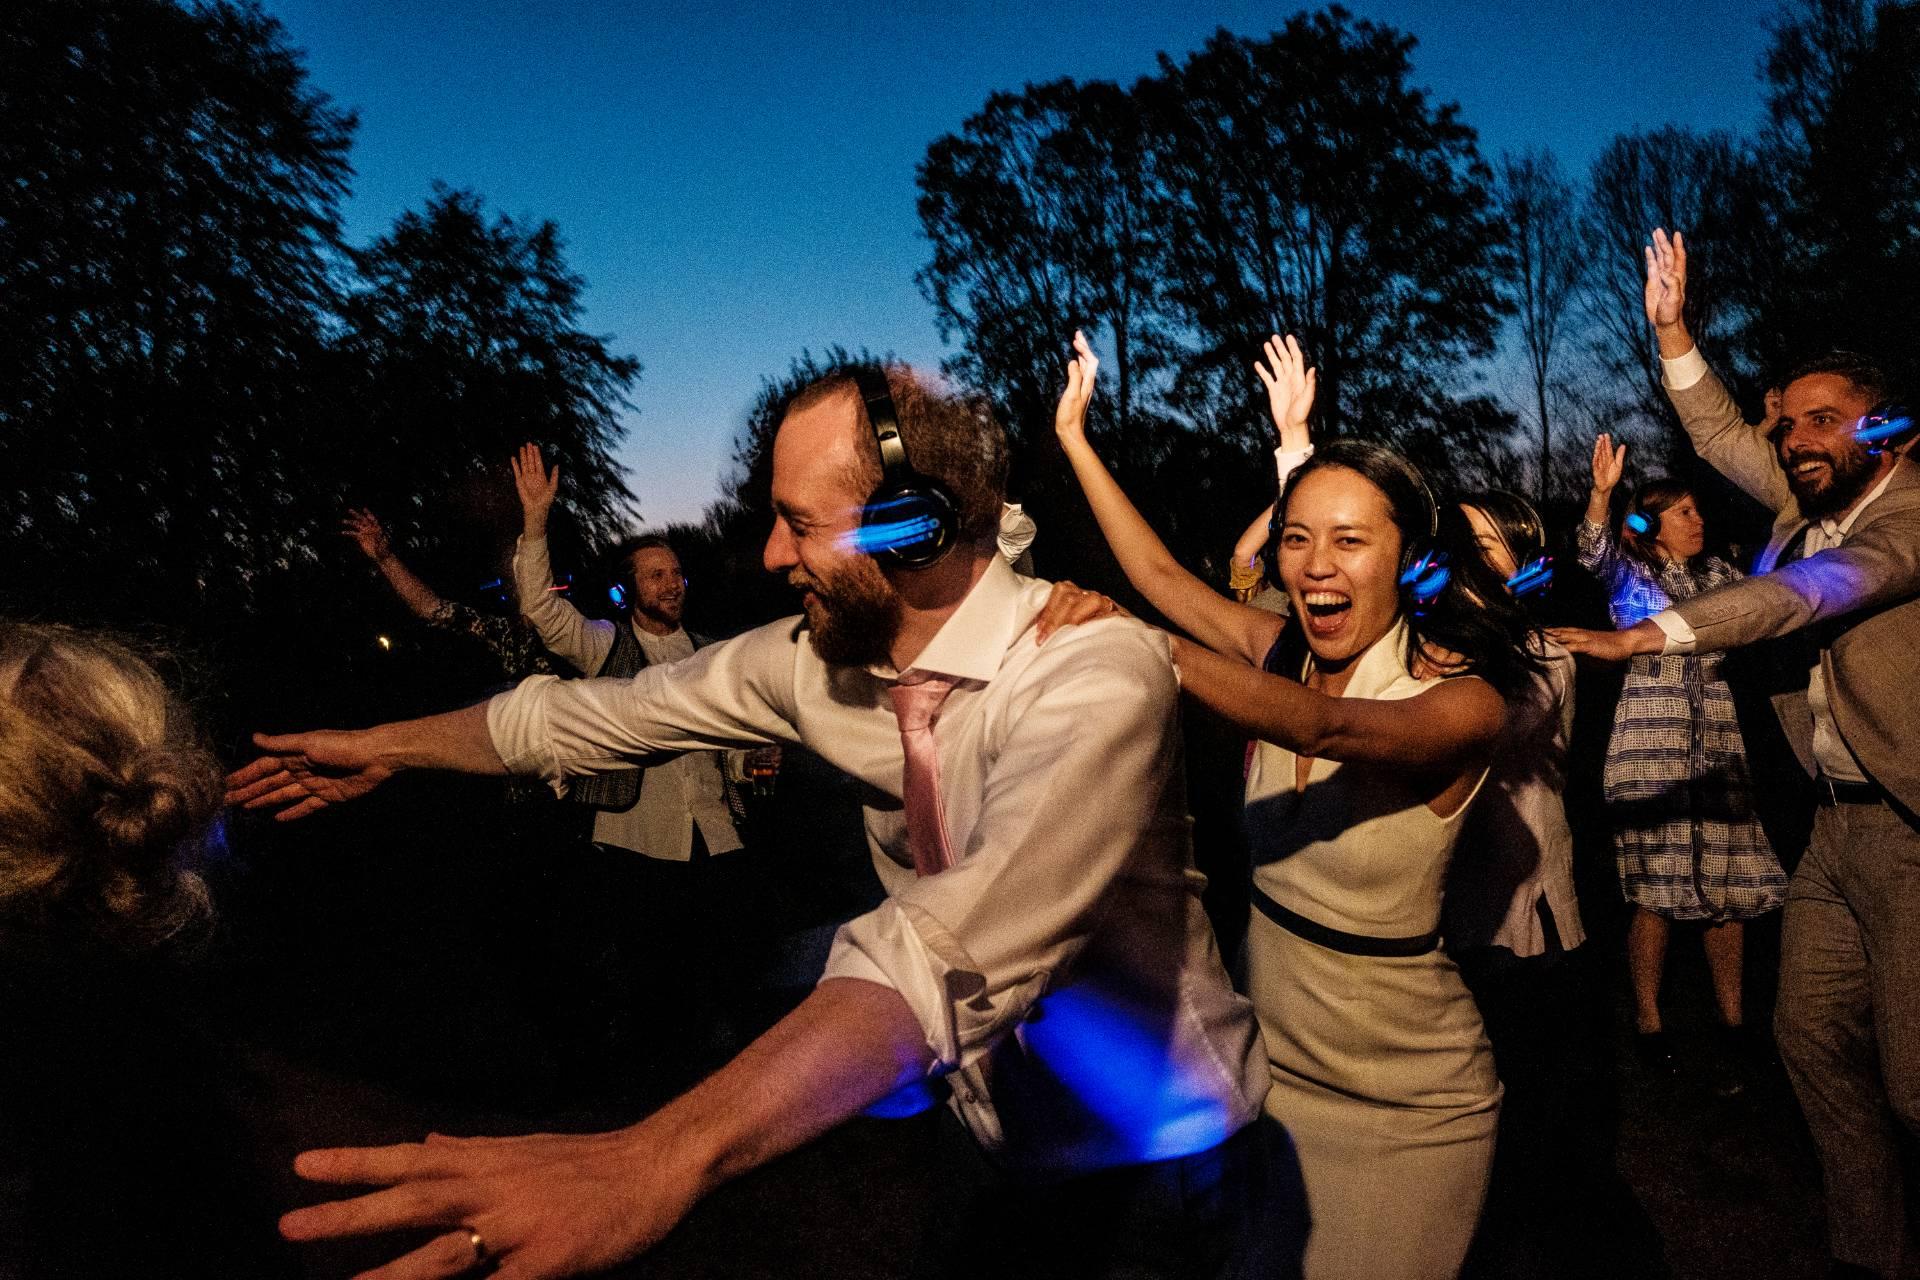 Bruid en bruidegom op het bruidsfeest